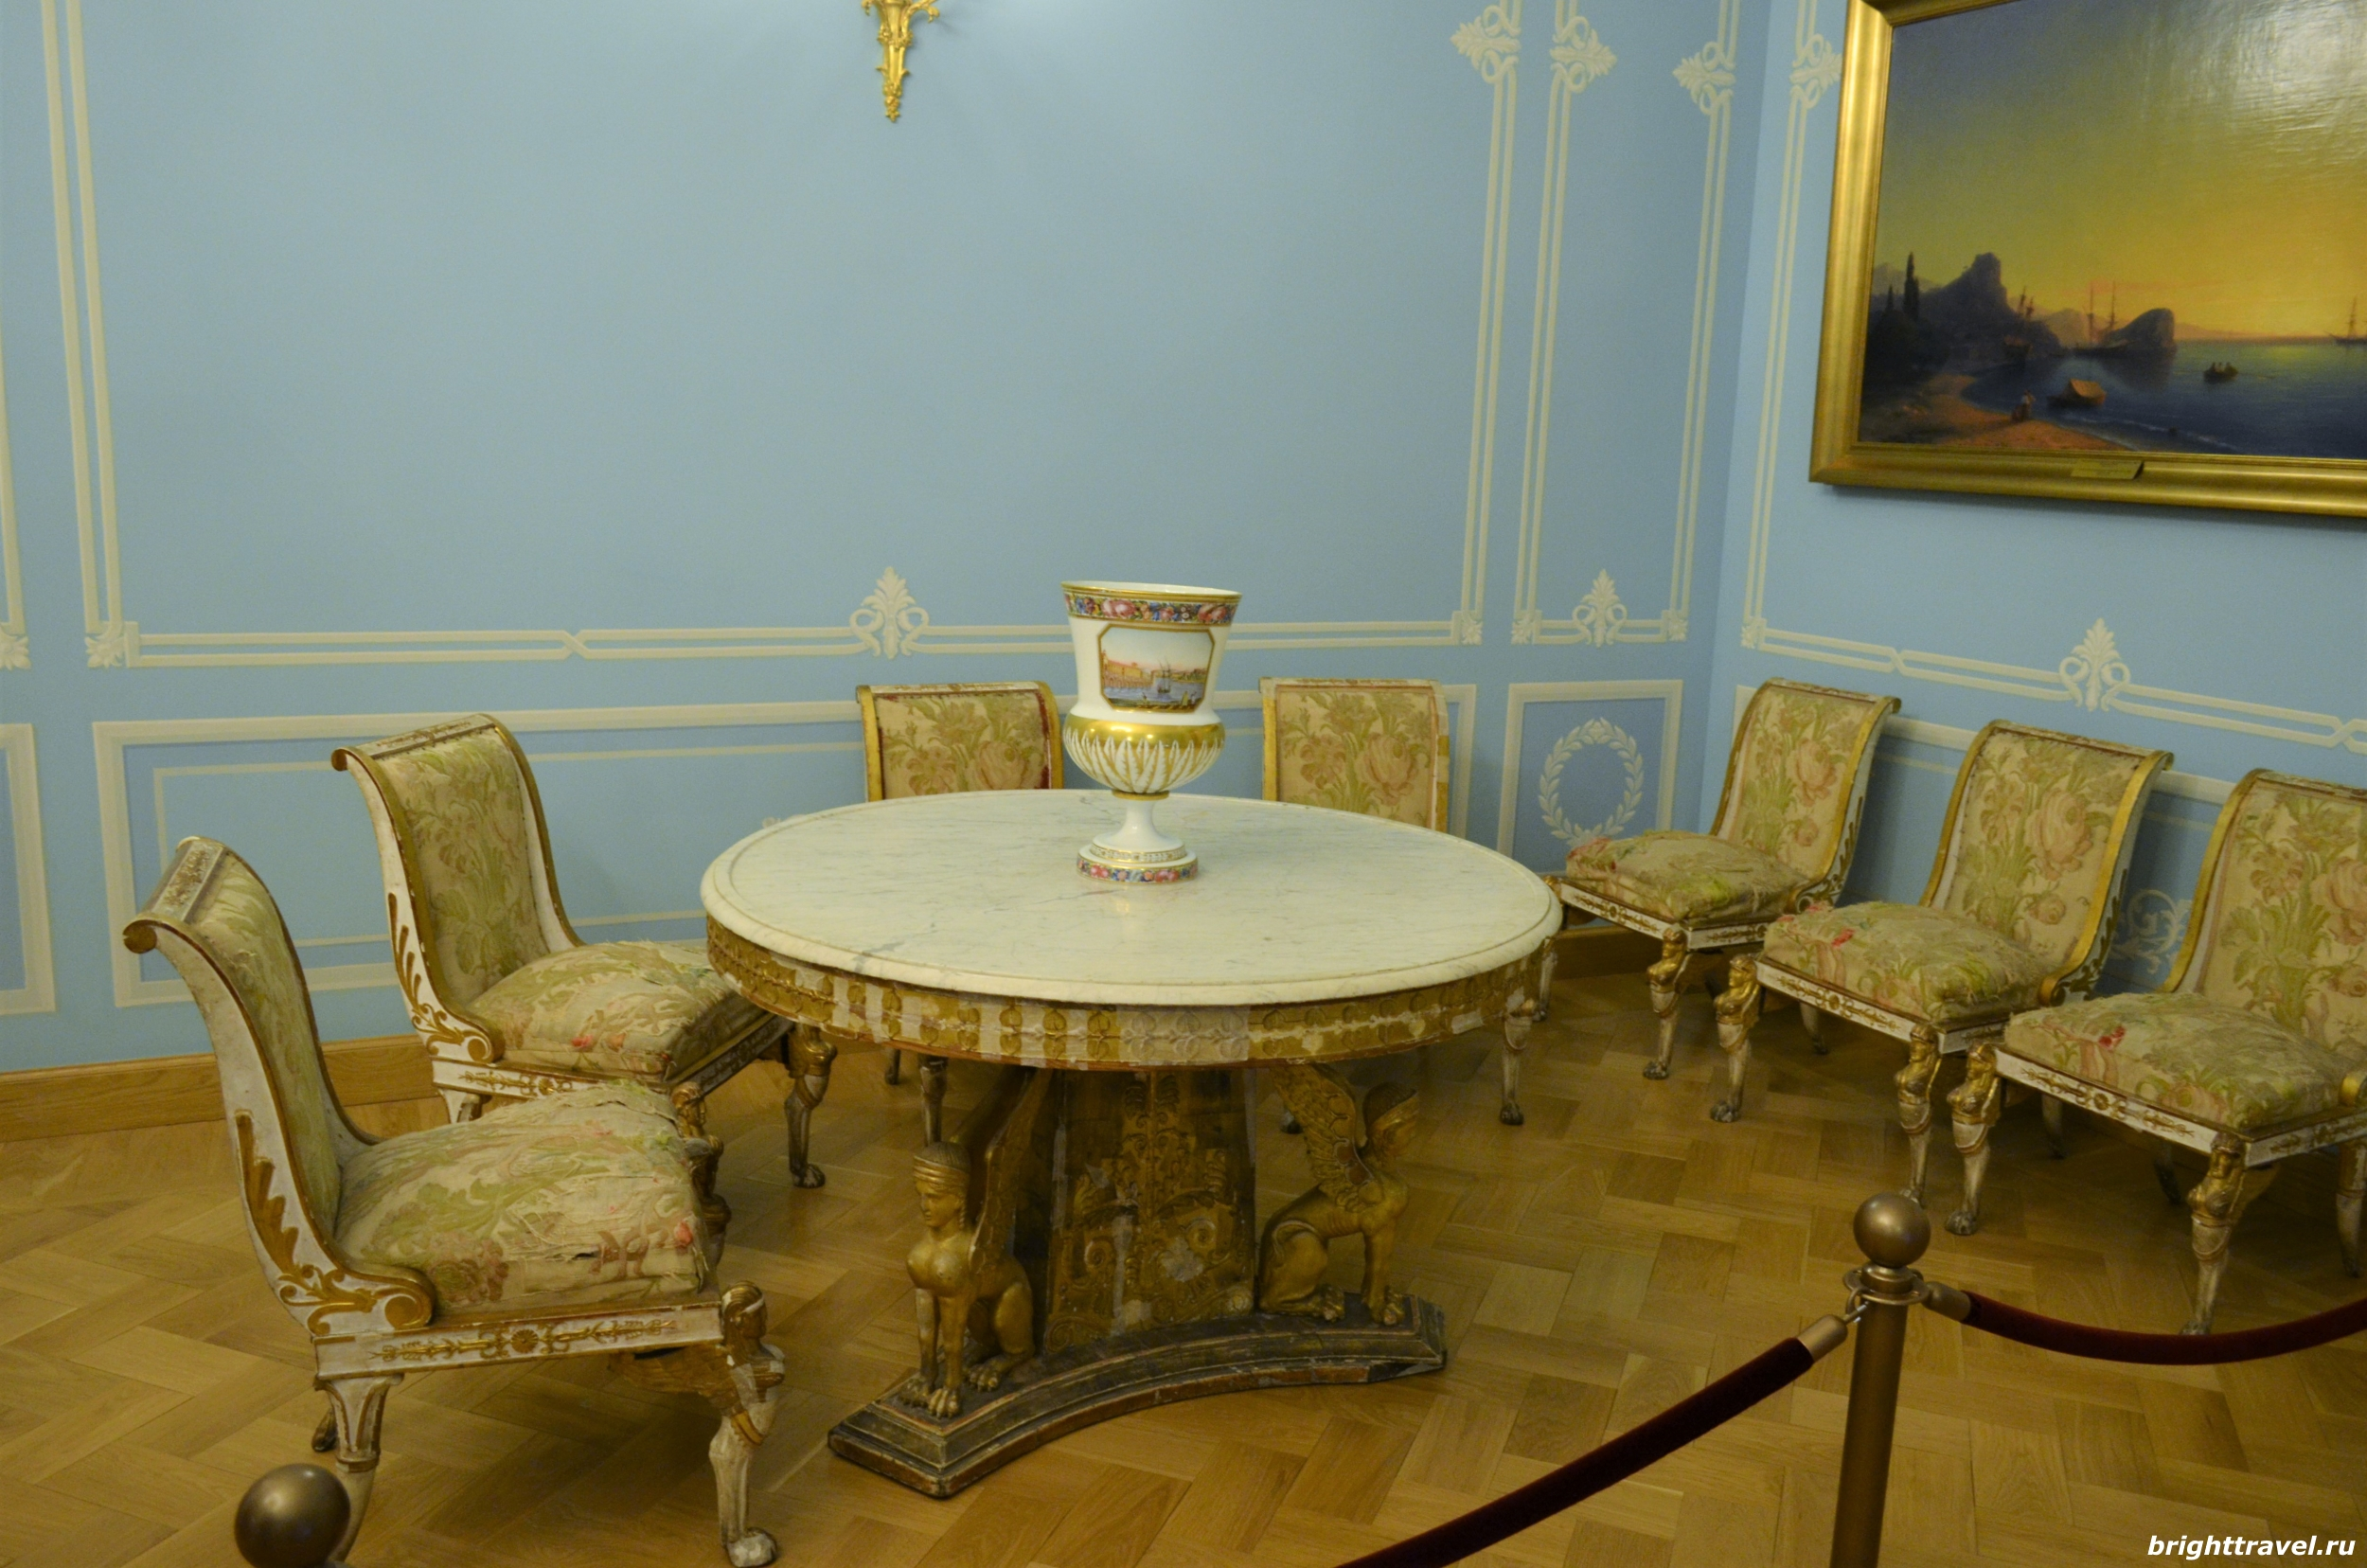 Фото голубой гостиной Императорского дворца Твери